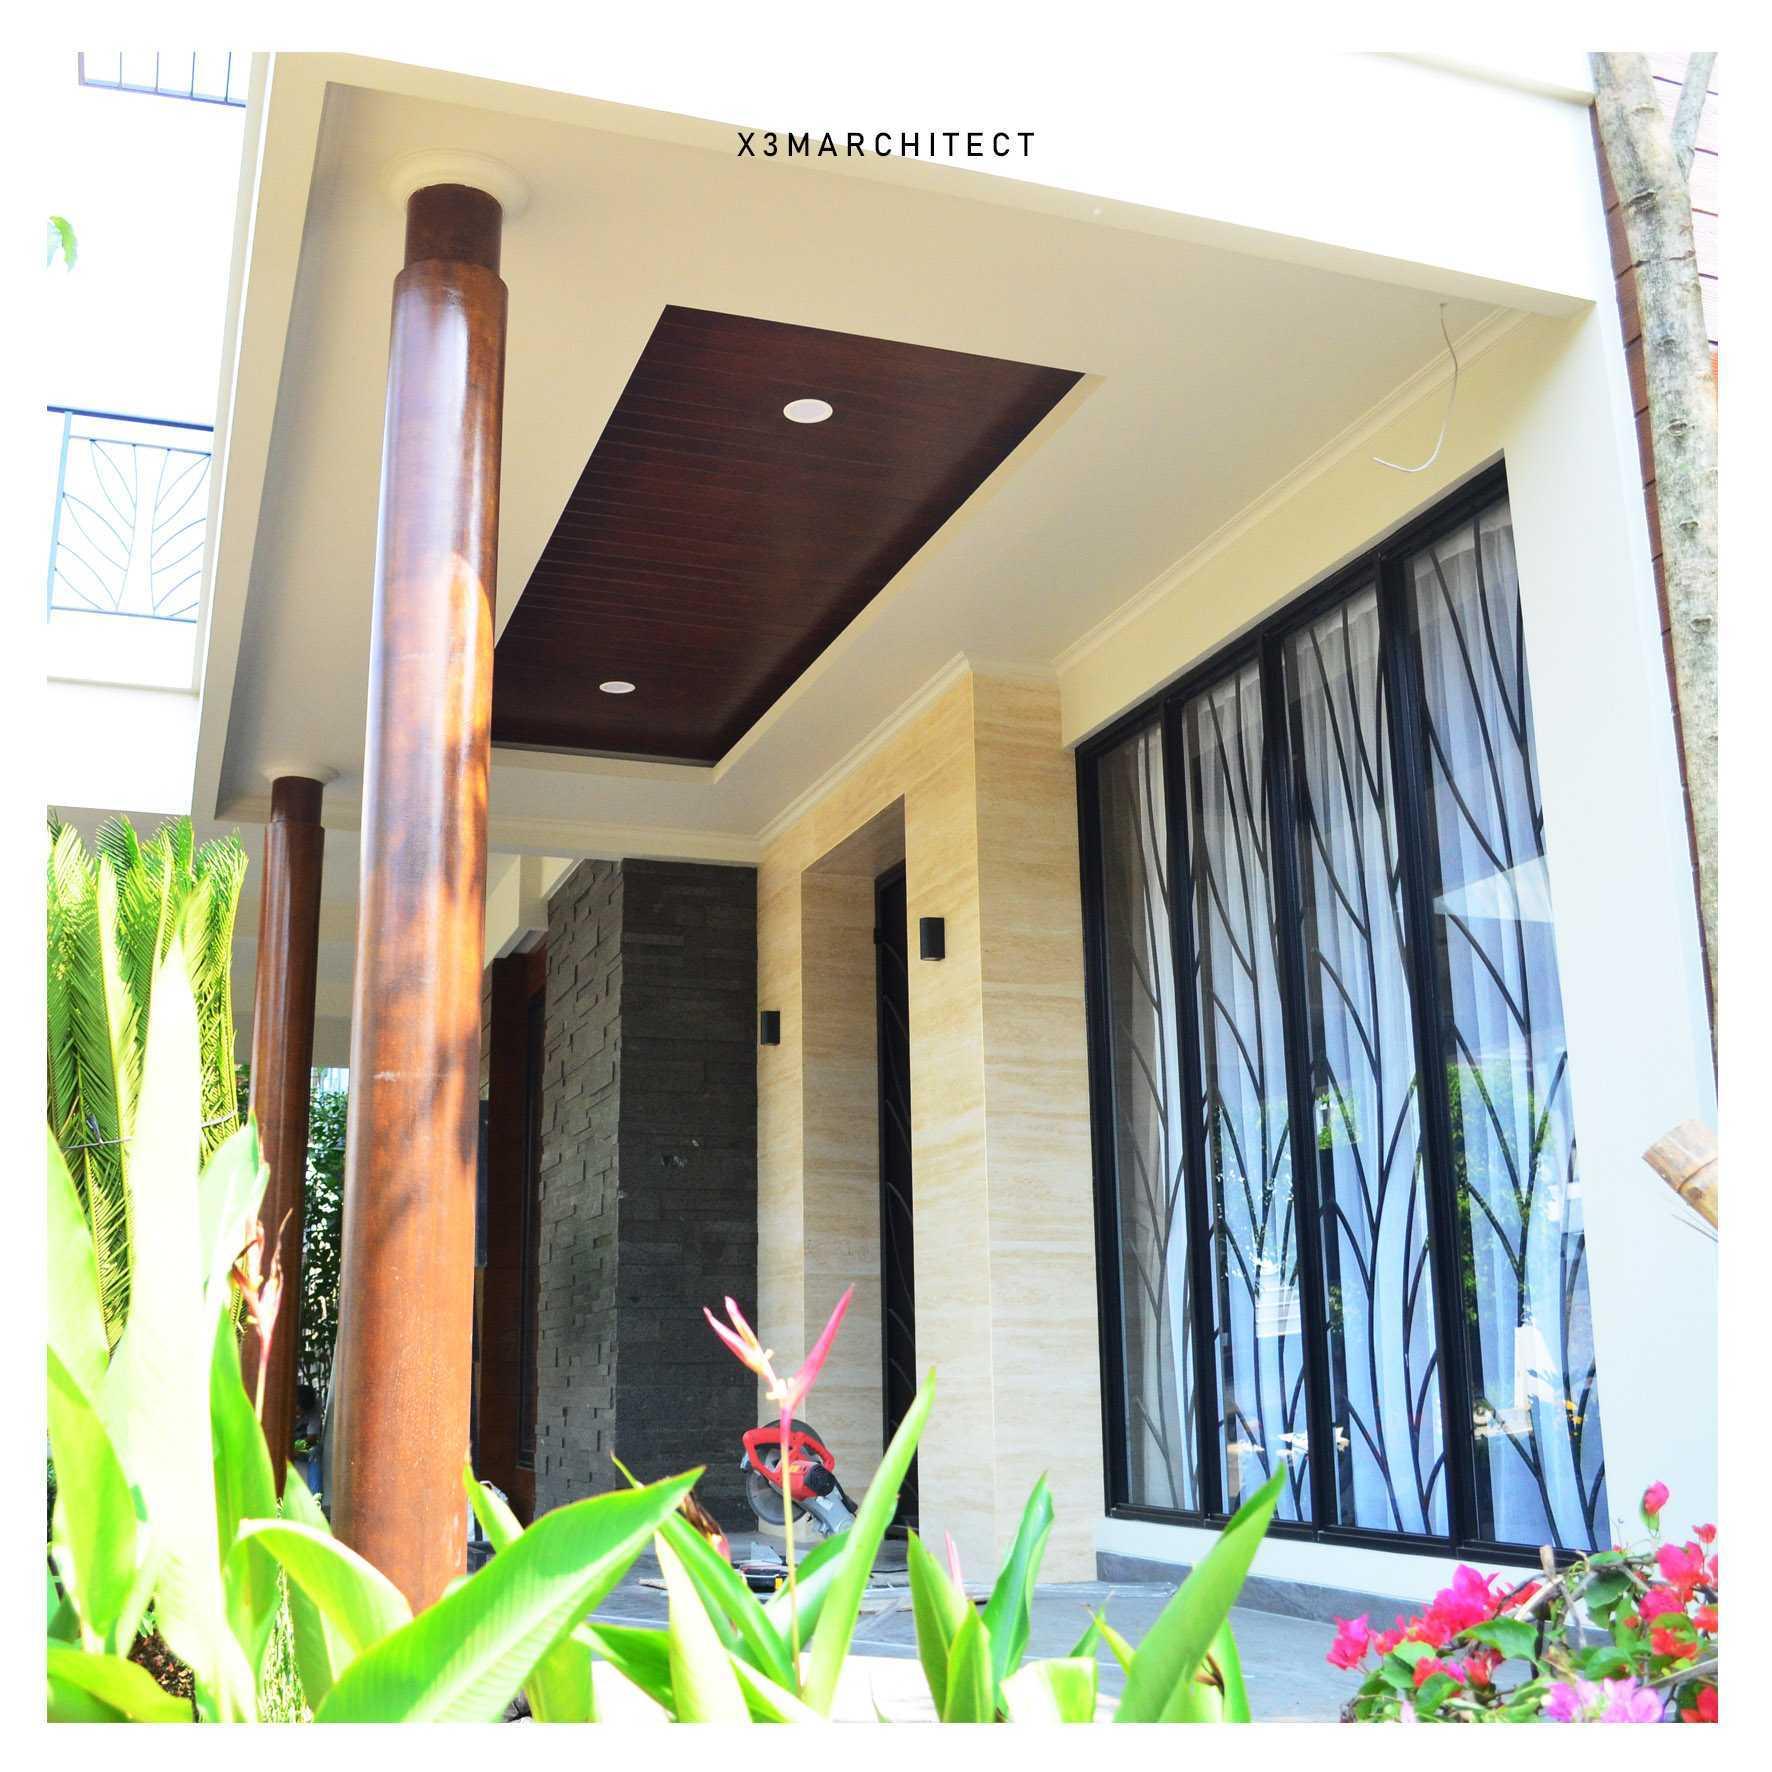 X3M Architects Nittaya A5 1 House Sampora, Kec. Cisauk, Tangerang, Banten 15345, Indonesia Sampora, Kec. Cisauk, Tangerang, Banten 15345, Indonesia X3M-Architects-Nittaya-A5-1   76007